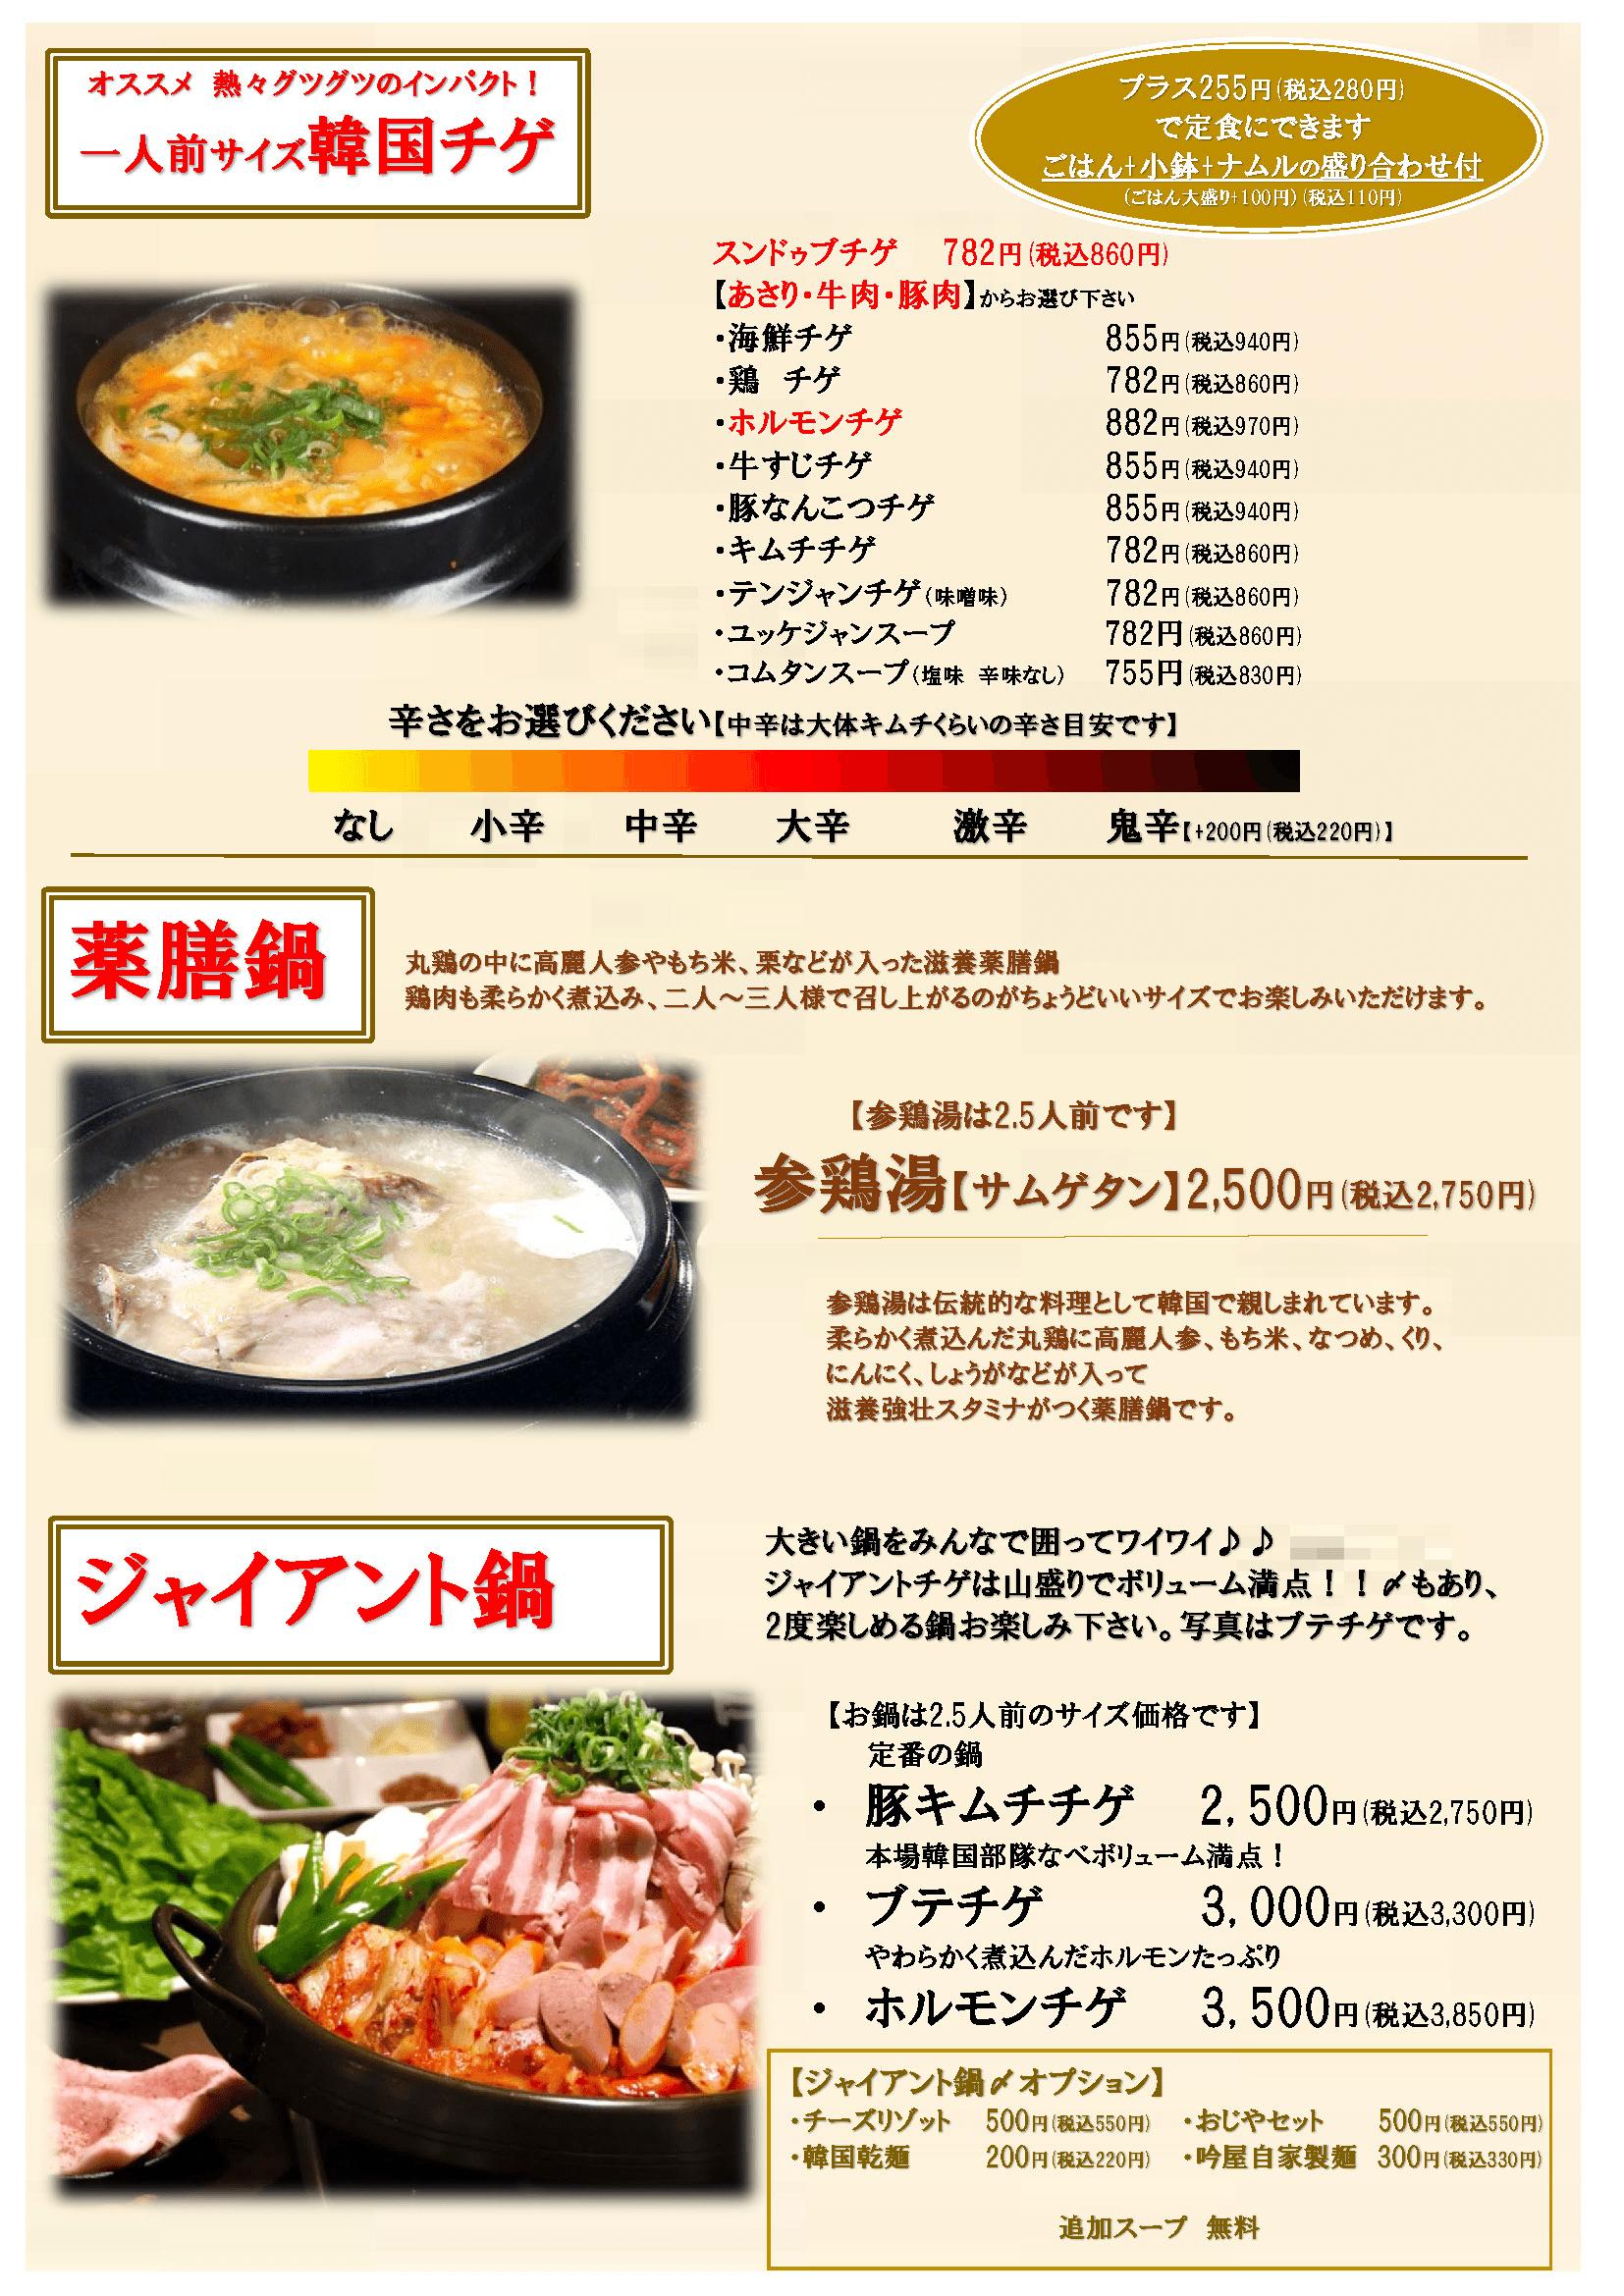 アジアの台所tentenグランドメニュー3